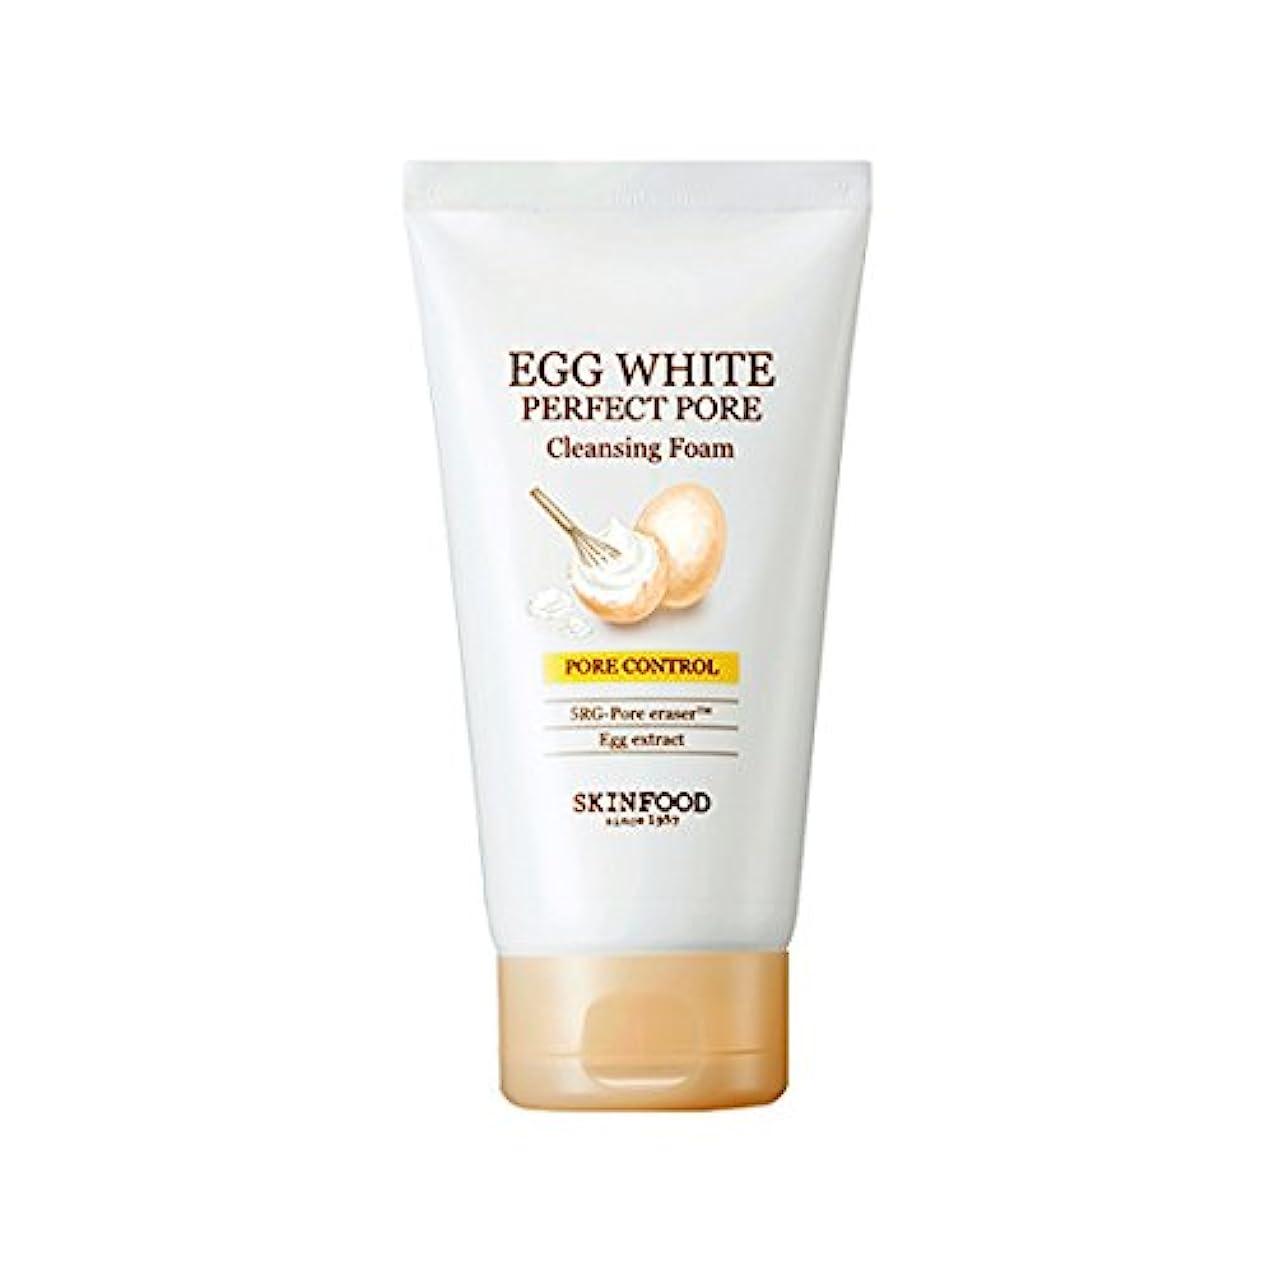 不定最少ペチコート[2017 New] SKINFOOD Egg White Perfect Pore Cleansing Foam 150ml/スキンフード エッグ ホワイト パーフェクト ポア クレンジング フォーム 150ml [並行輸入品]